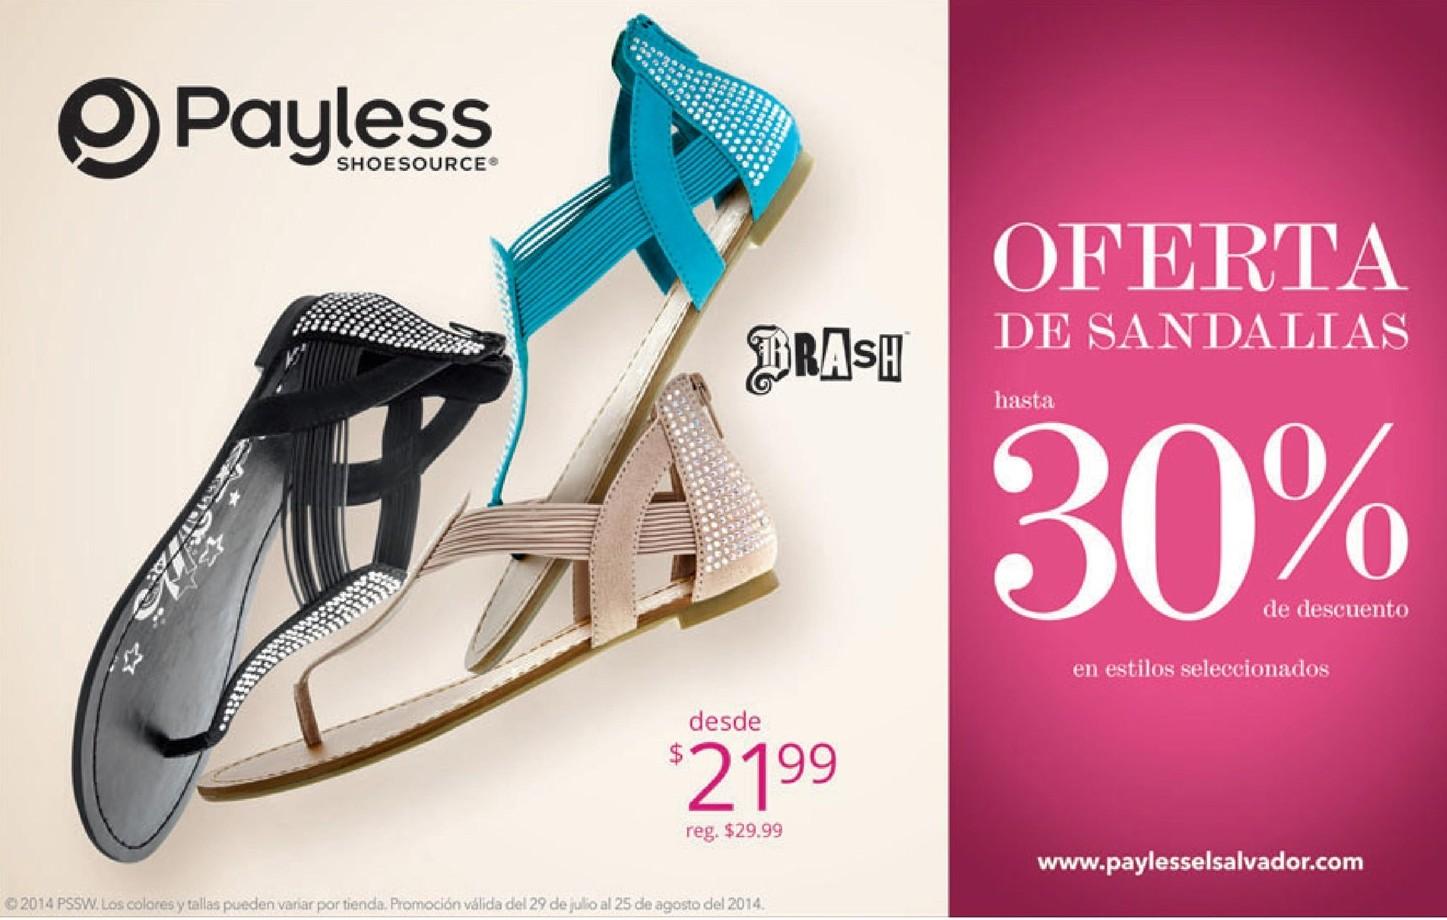 0355cb69 Payless ofertas SANDALIAS BRASH para dama - 08ago14 - Ofertas Ahora